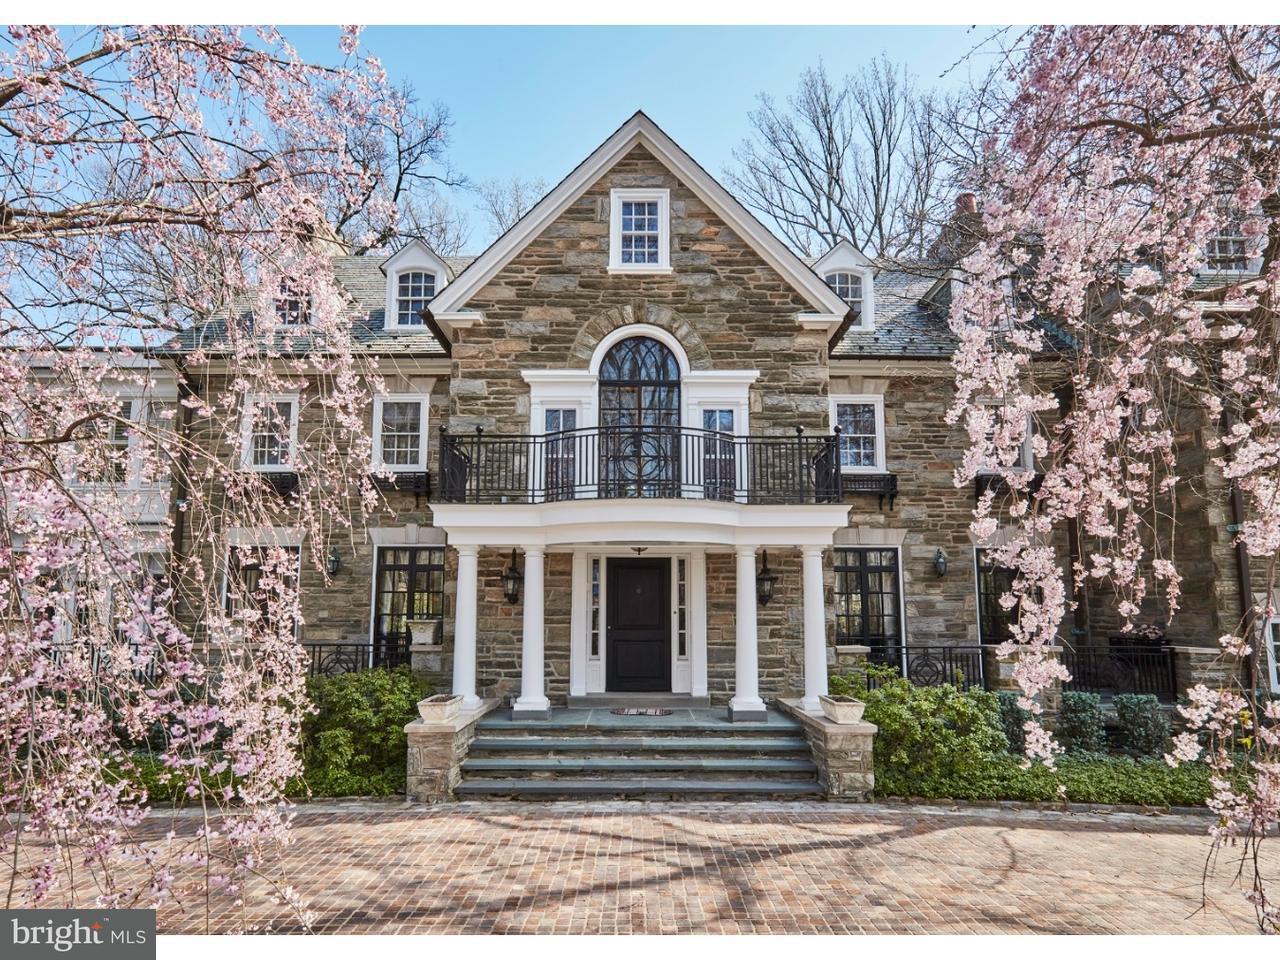 独户住宅 为 销售 在 489 UPPER GULPH Road 拉德诺, 宾夕法尼亚州 19087 美国